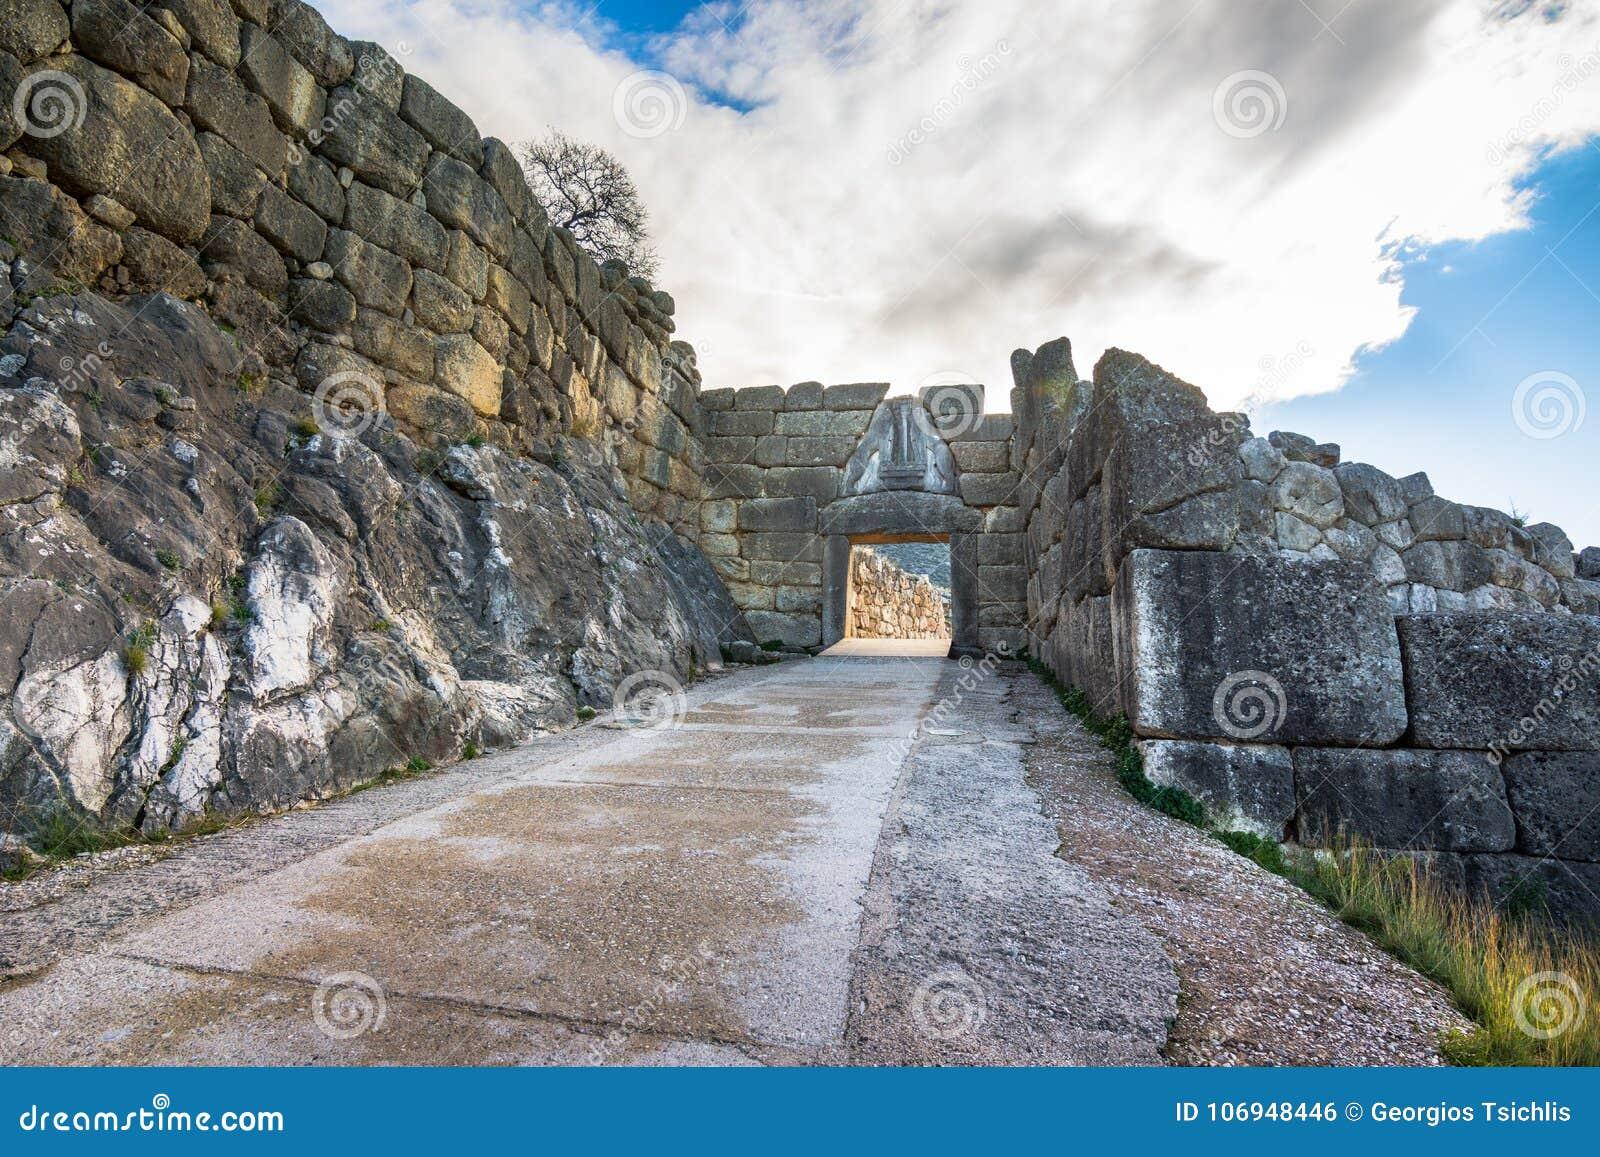 De archeologische plaats van Mycenae dichtbij het dorp van Mykines, met oude graven, reuzemuren en de beroemde leeuwenpoort